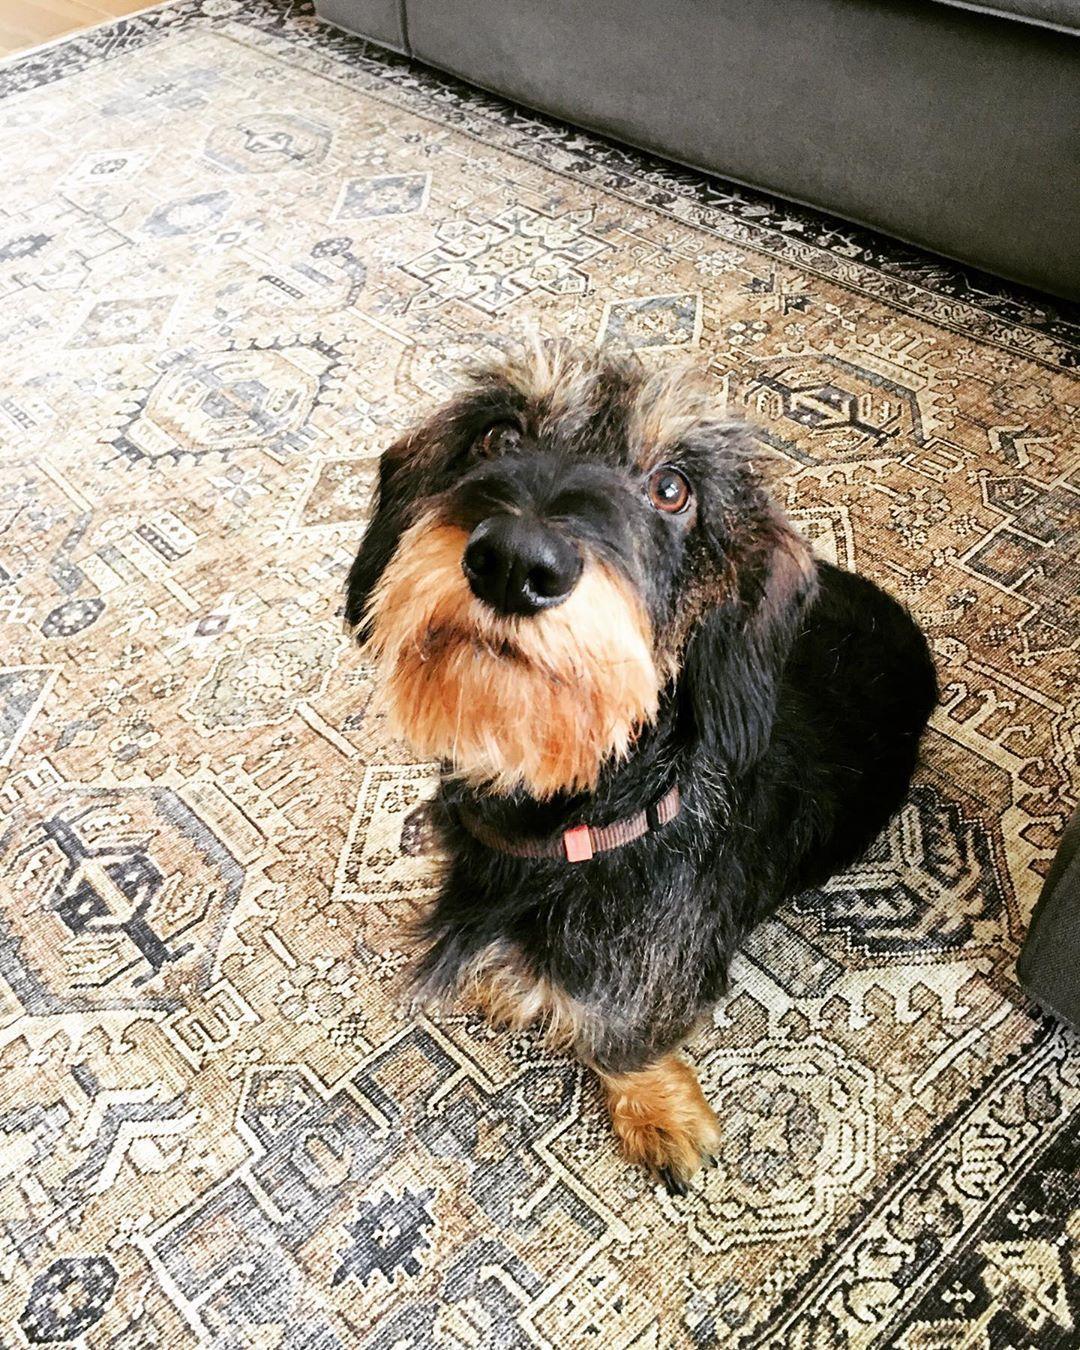 New Carpet Warm Feet Ruwharigeteckel Sausagedog Dachshund Teckel Teckelpuppy Happydog Puppy Hypoallergenic Dog Breed Hypoallergenic Dogs Dog Breeds